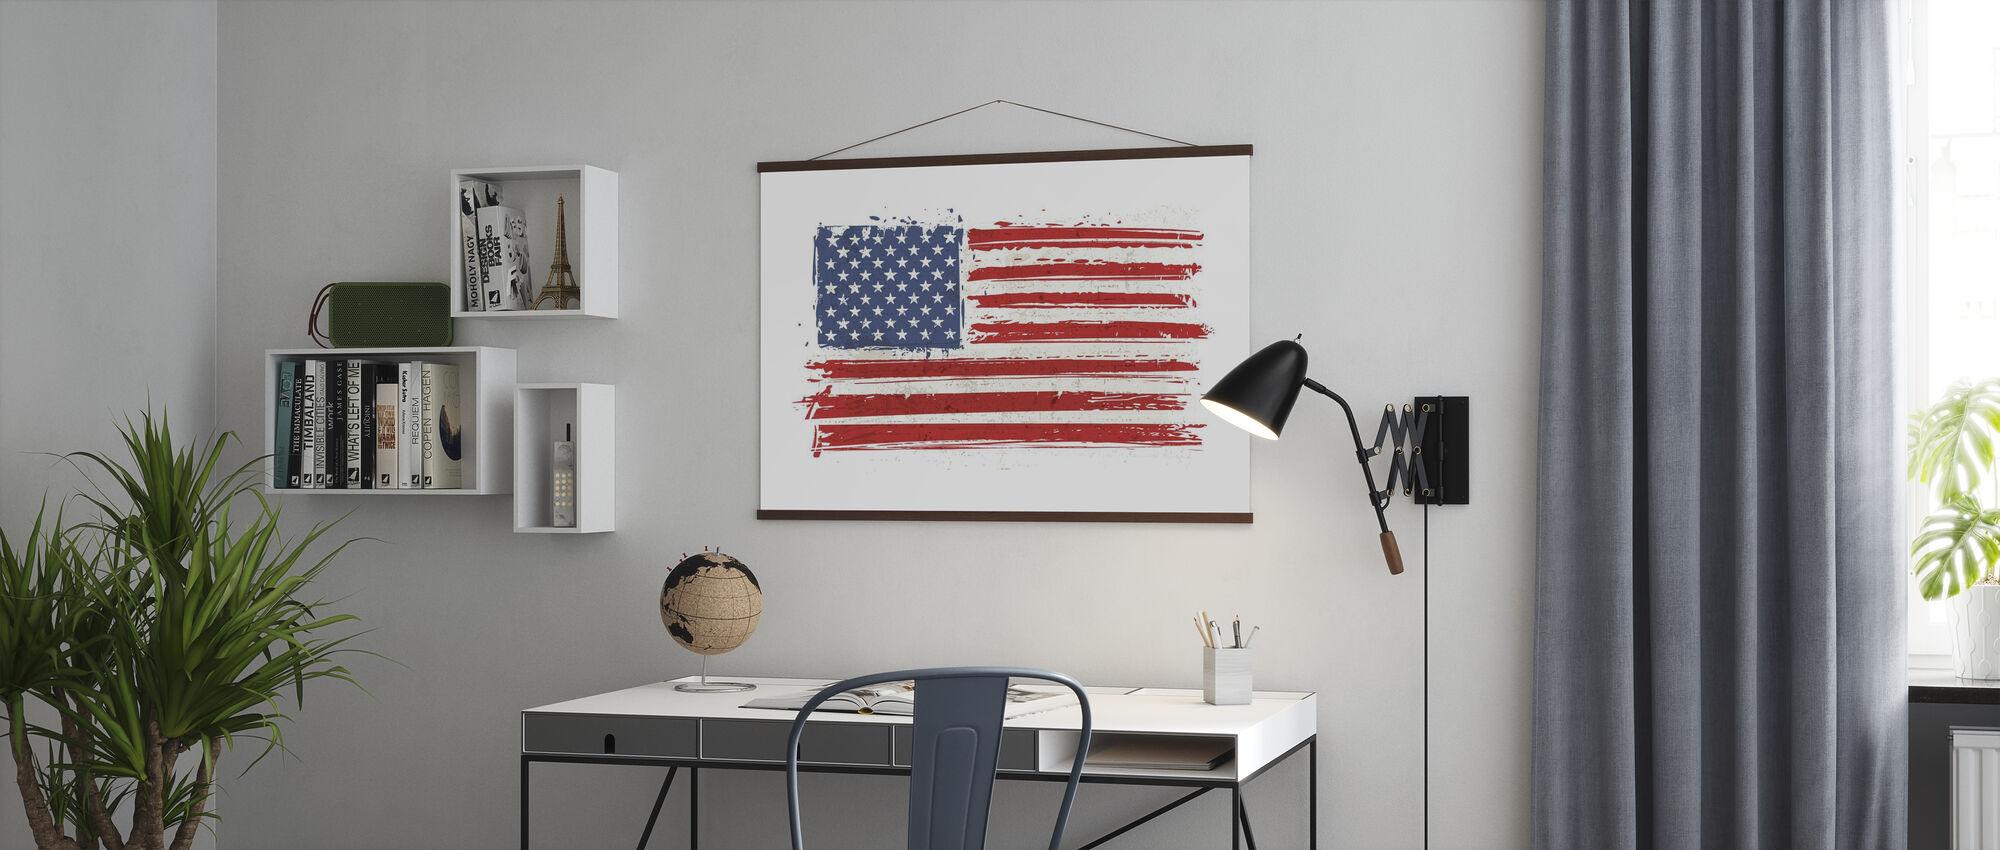 Flag USA - Juliste - Toimisto